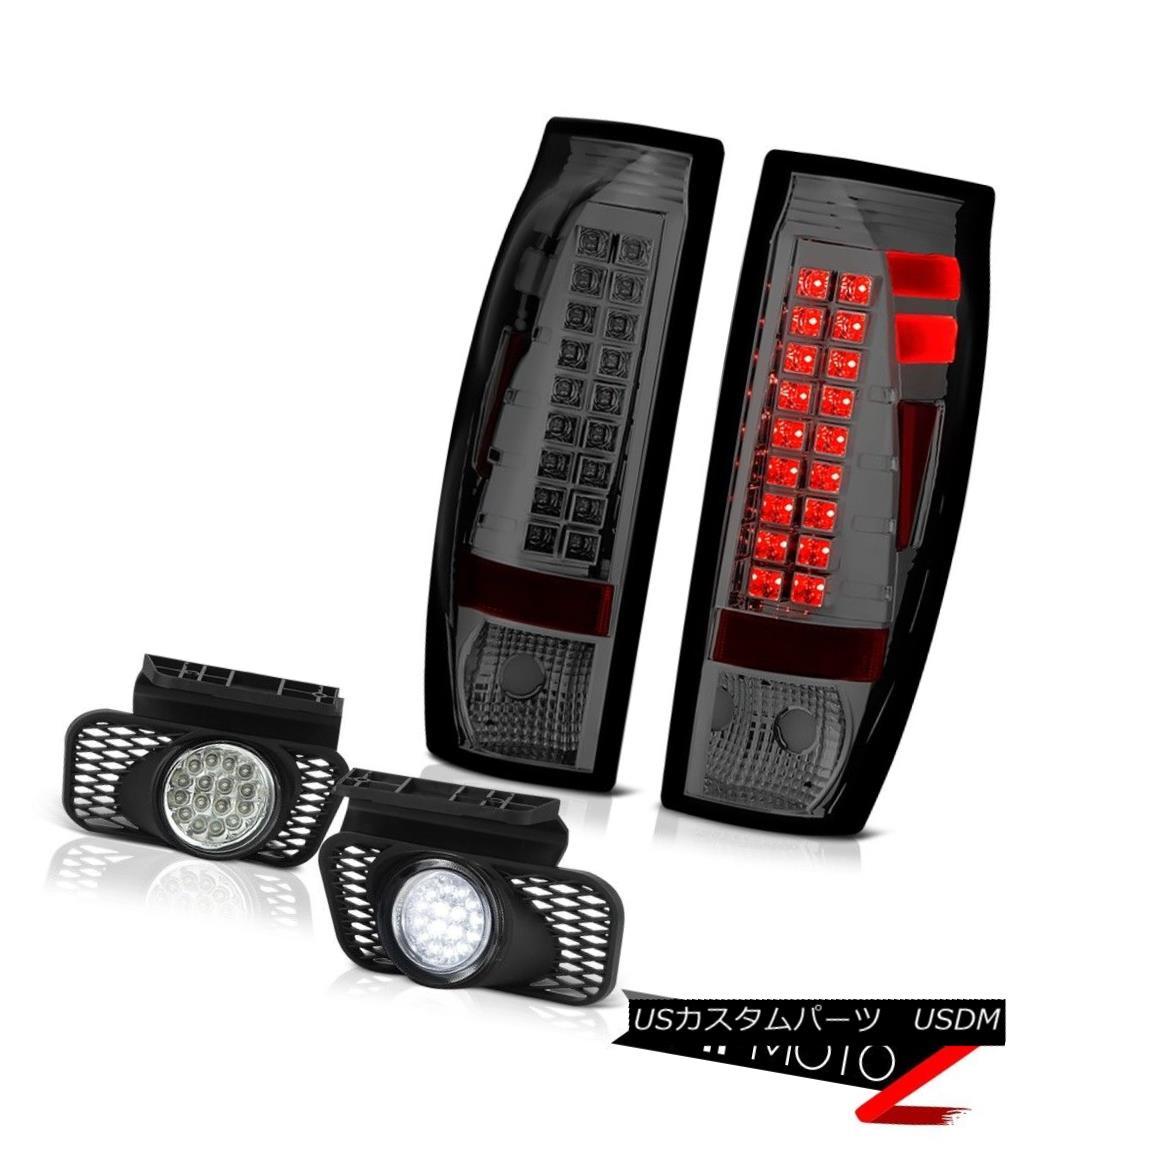 テールライト 2003-2006 Chevy Avalanche 2500HD Euro Chrome Foglamps Graphite Smoke Taillamps 2003-2006シボレーアバランチ2500HDユーロクロームフォグランプグラファイトスモークタイルランプ